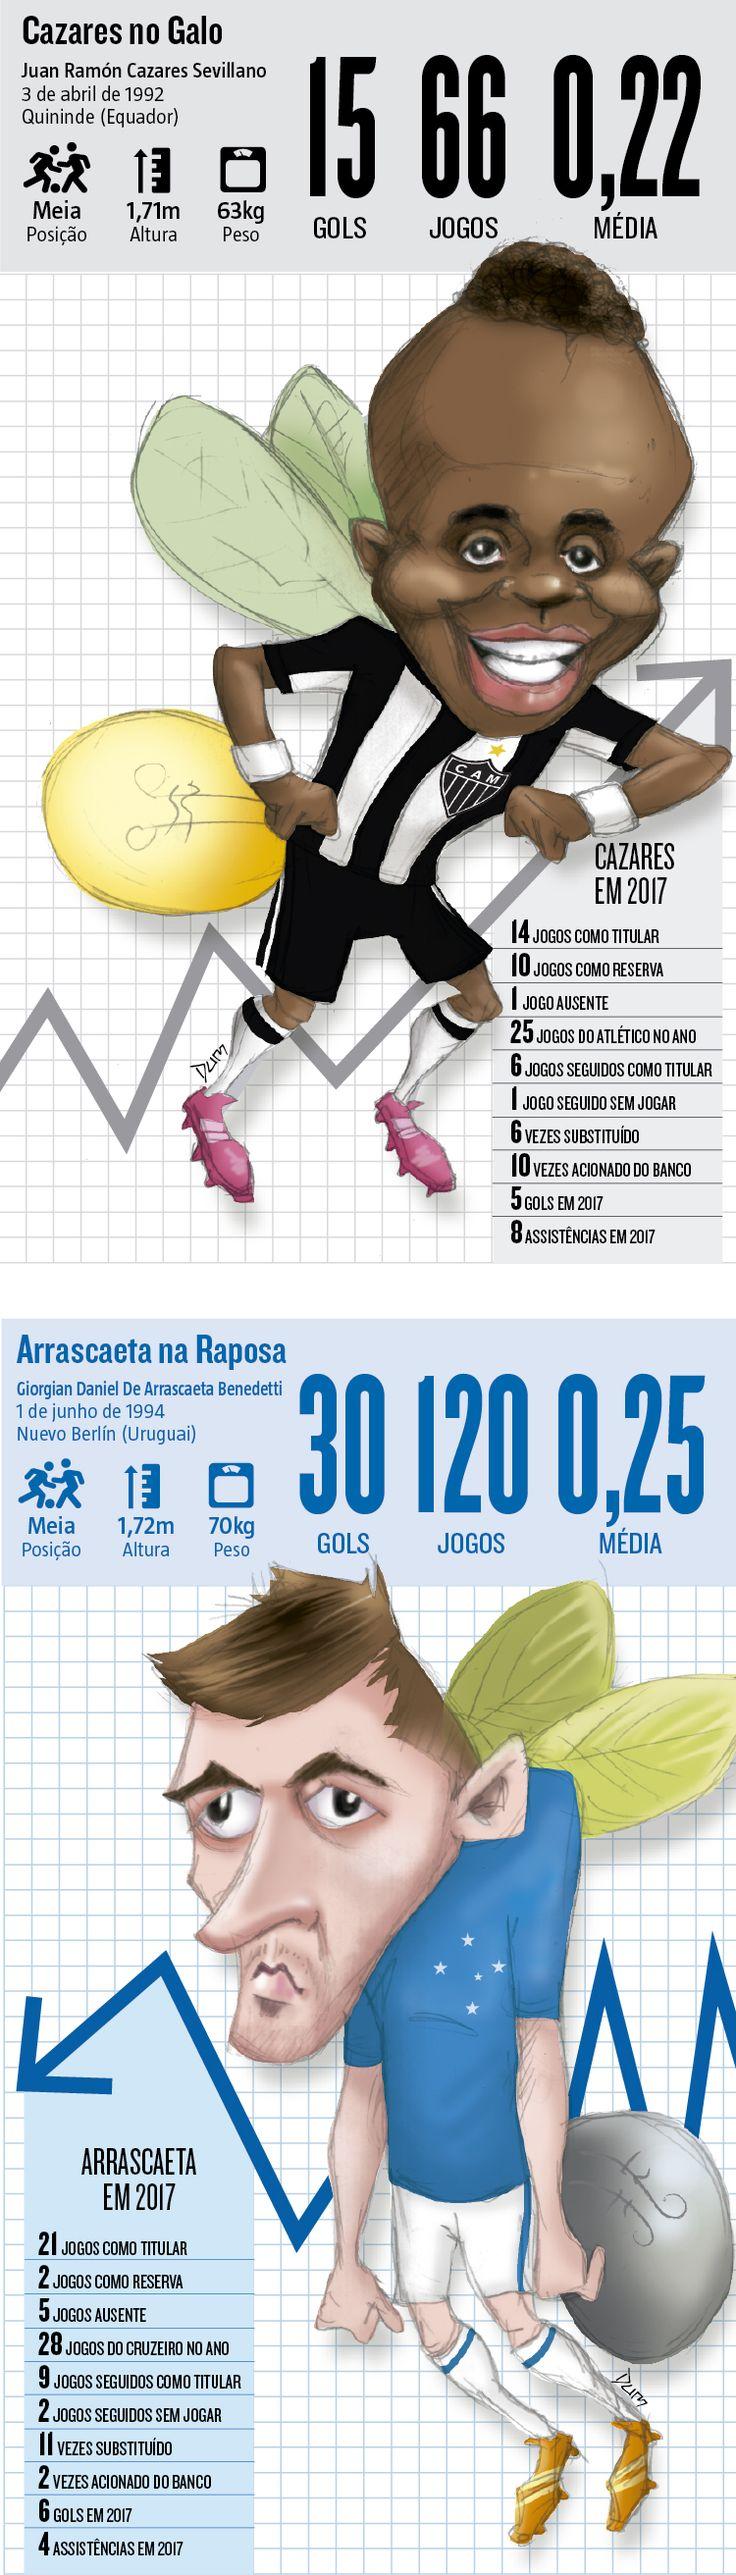 O equatoriano Cazares e o uruguaio Arrascaeta são diferenciados. O problema é que eles não conseguem vencer a irregularidade e romper a linha que os separa da prateleira de cima (18/07/2017) #Cazares #Arrascaeta #Atlético #Galo #Cruzeiro #Irregulares #Desempenho #Infográfico #Infografia #HojeEmDia